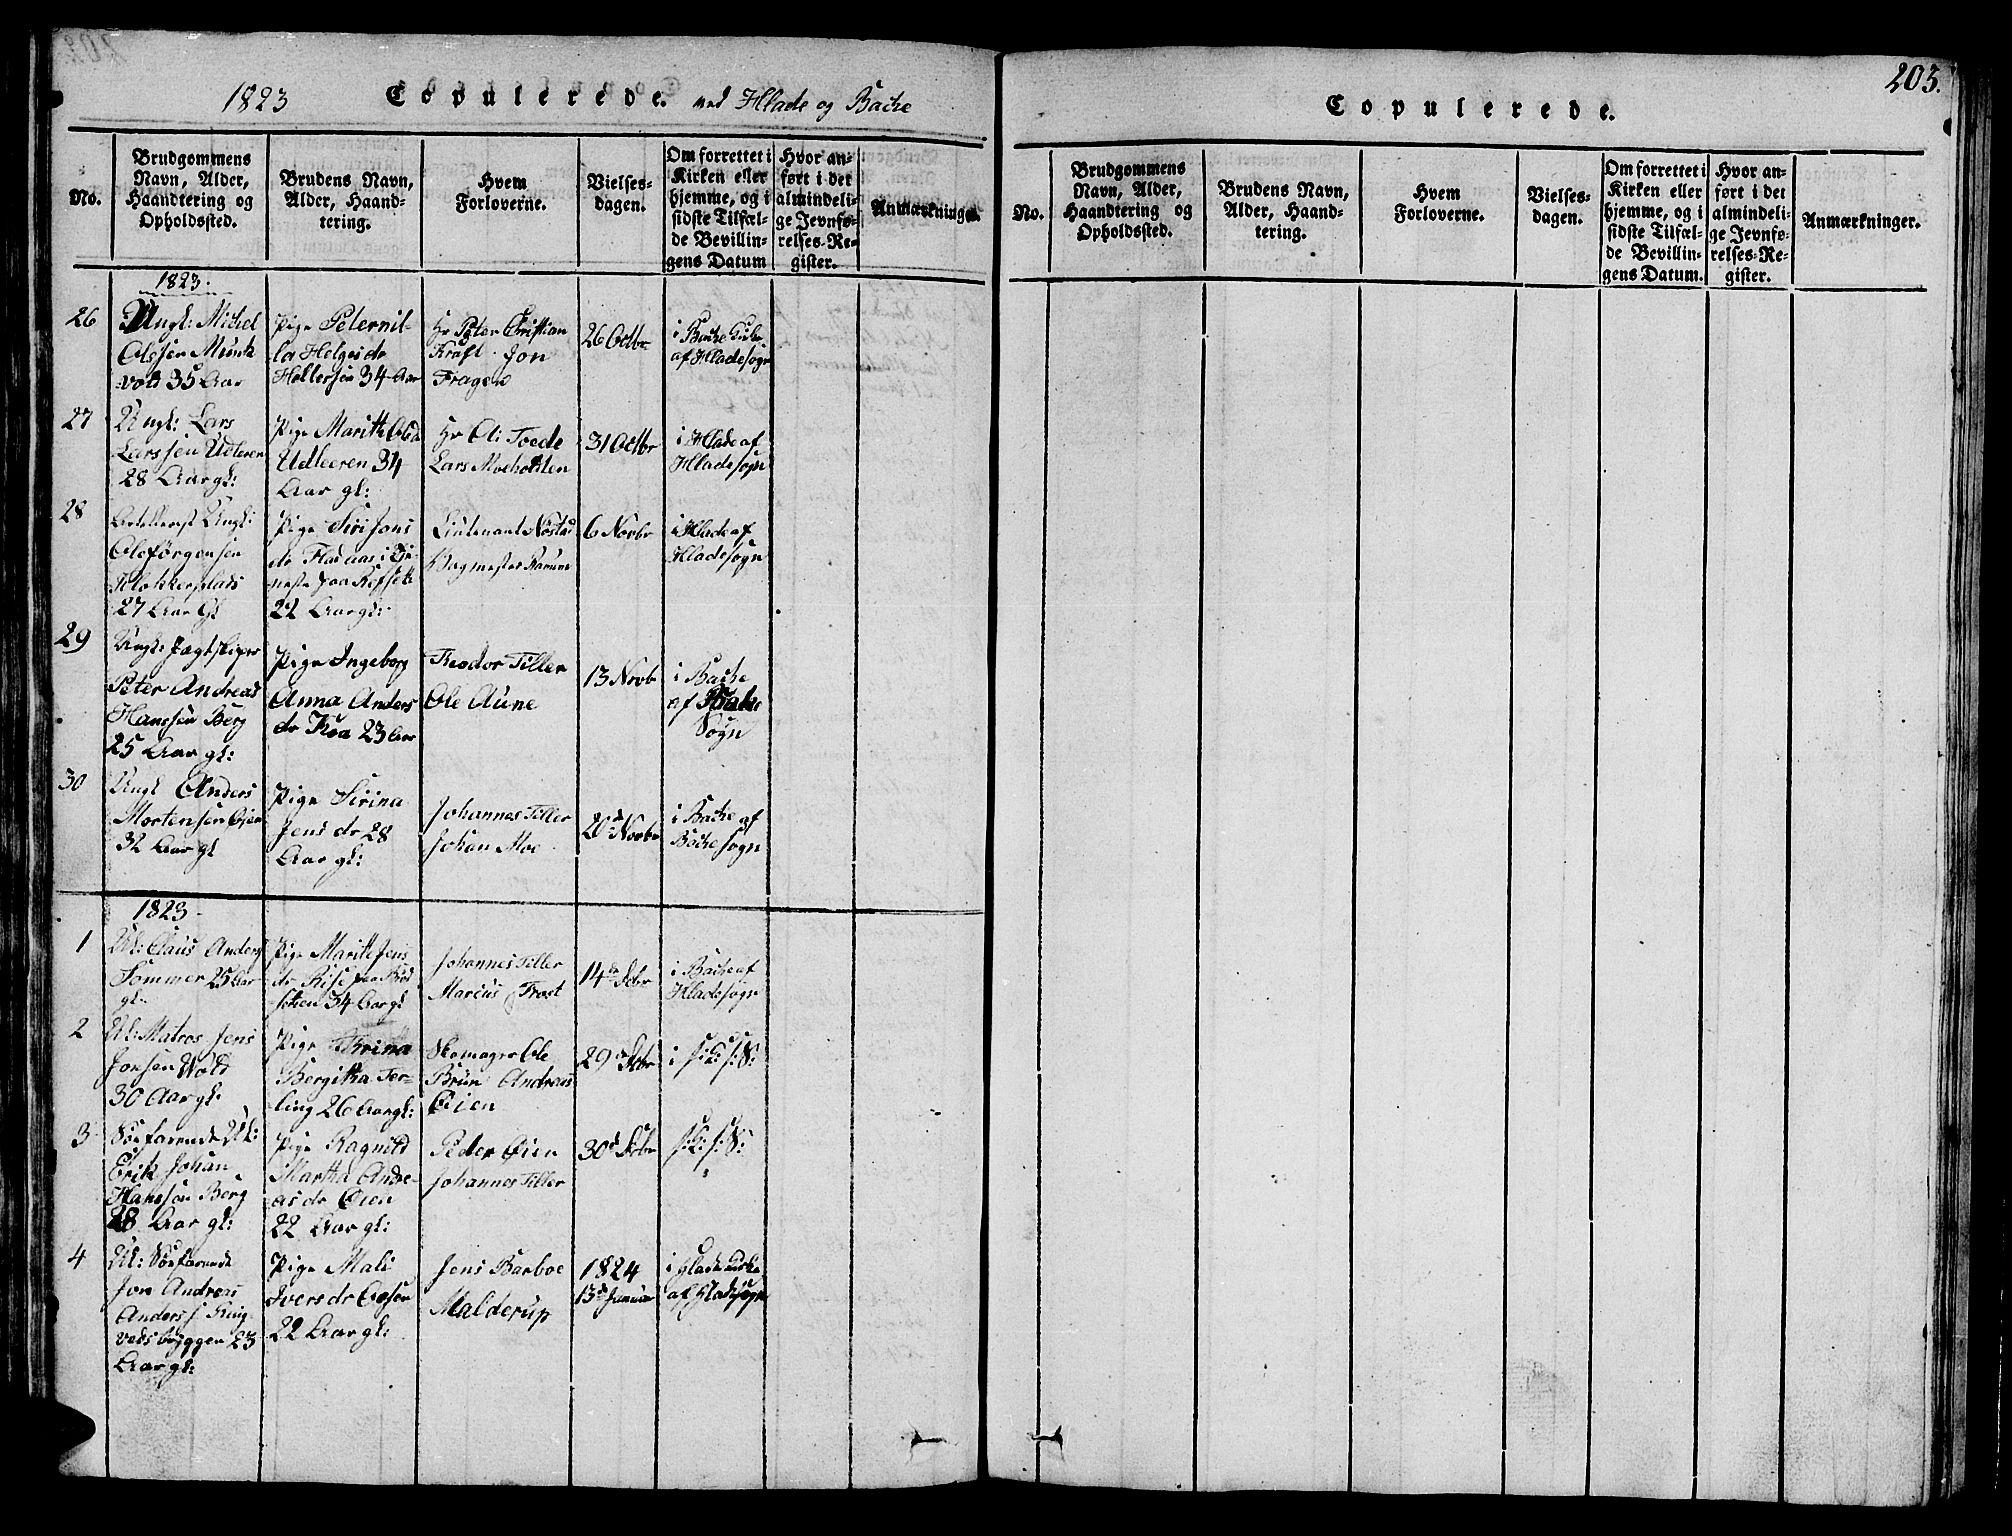 SAT, Ministerialprotokoller, klokkerbøker og fødselsregistre - Sør-Trøndelag, 606/L0307: Klokkerbok nr. 606C03, 1817-1824, s. 203